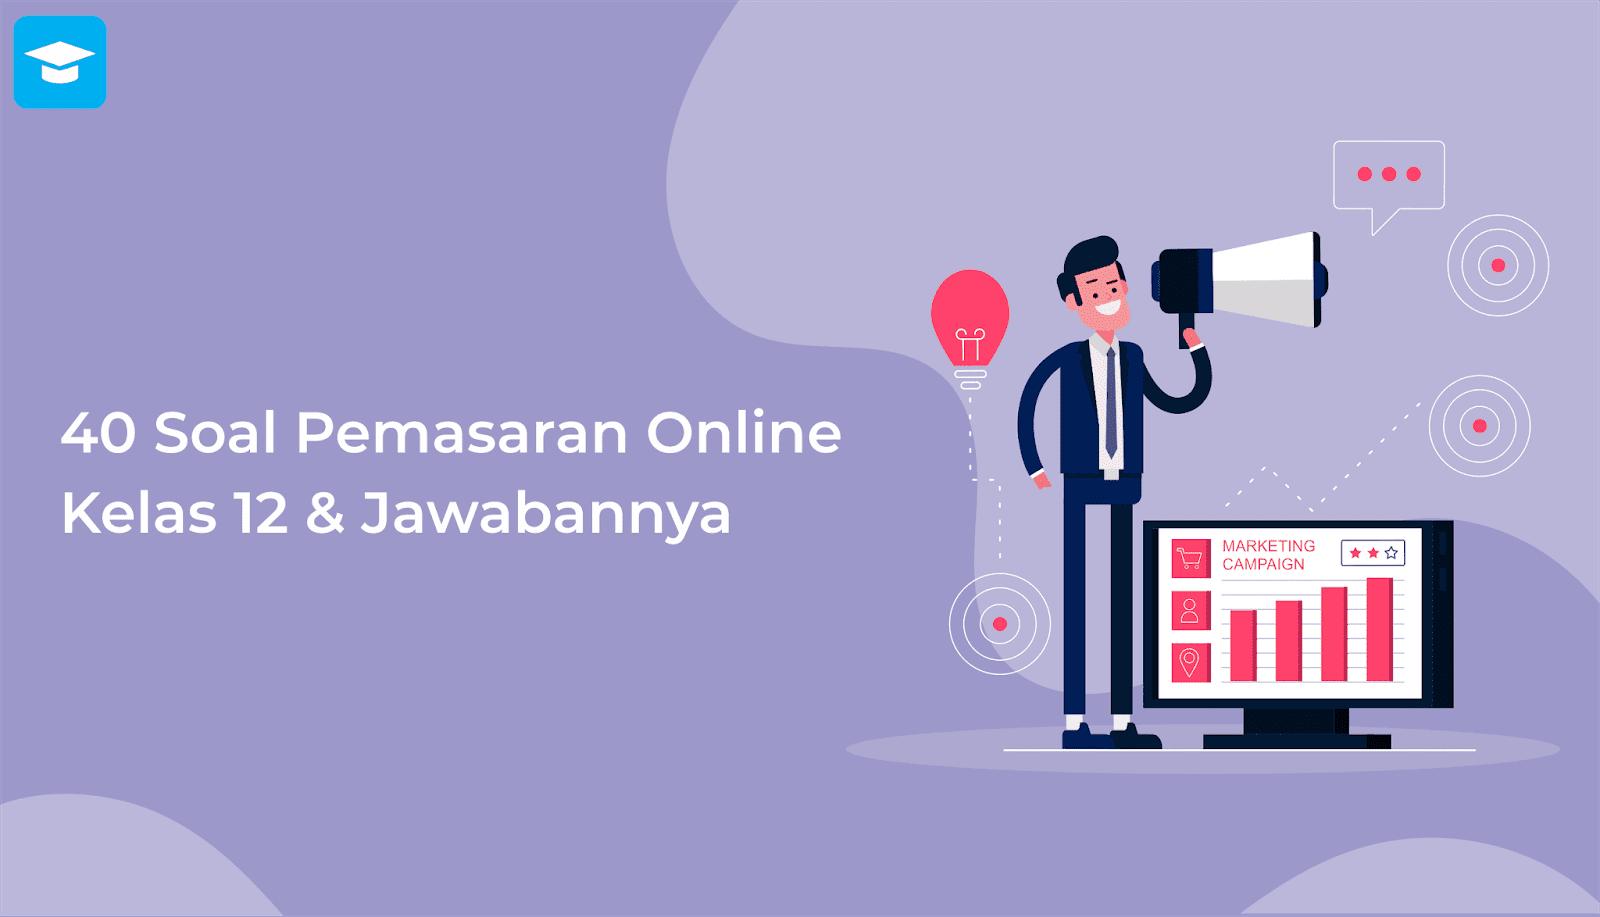 Soal pemasaran online kelas 12